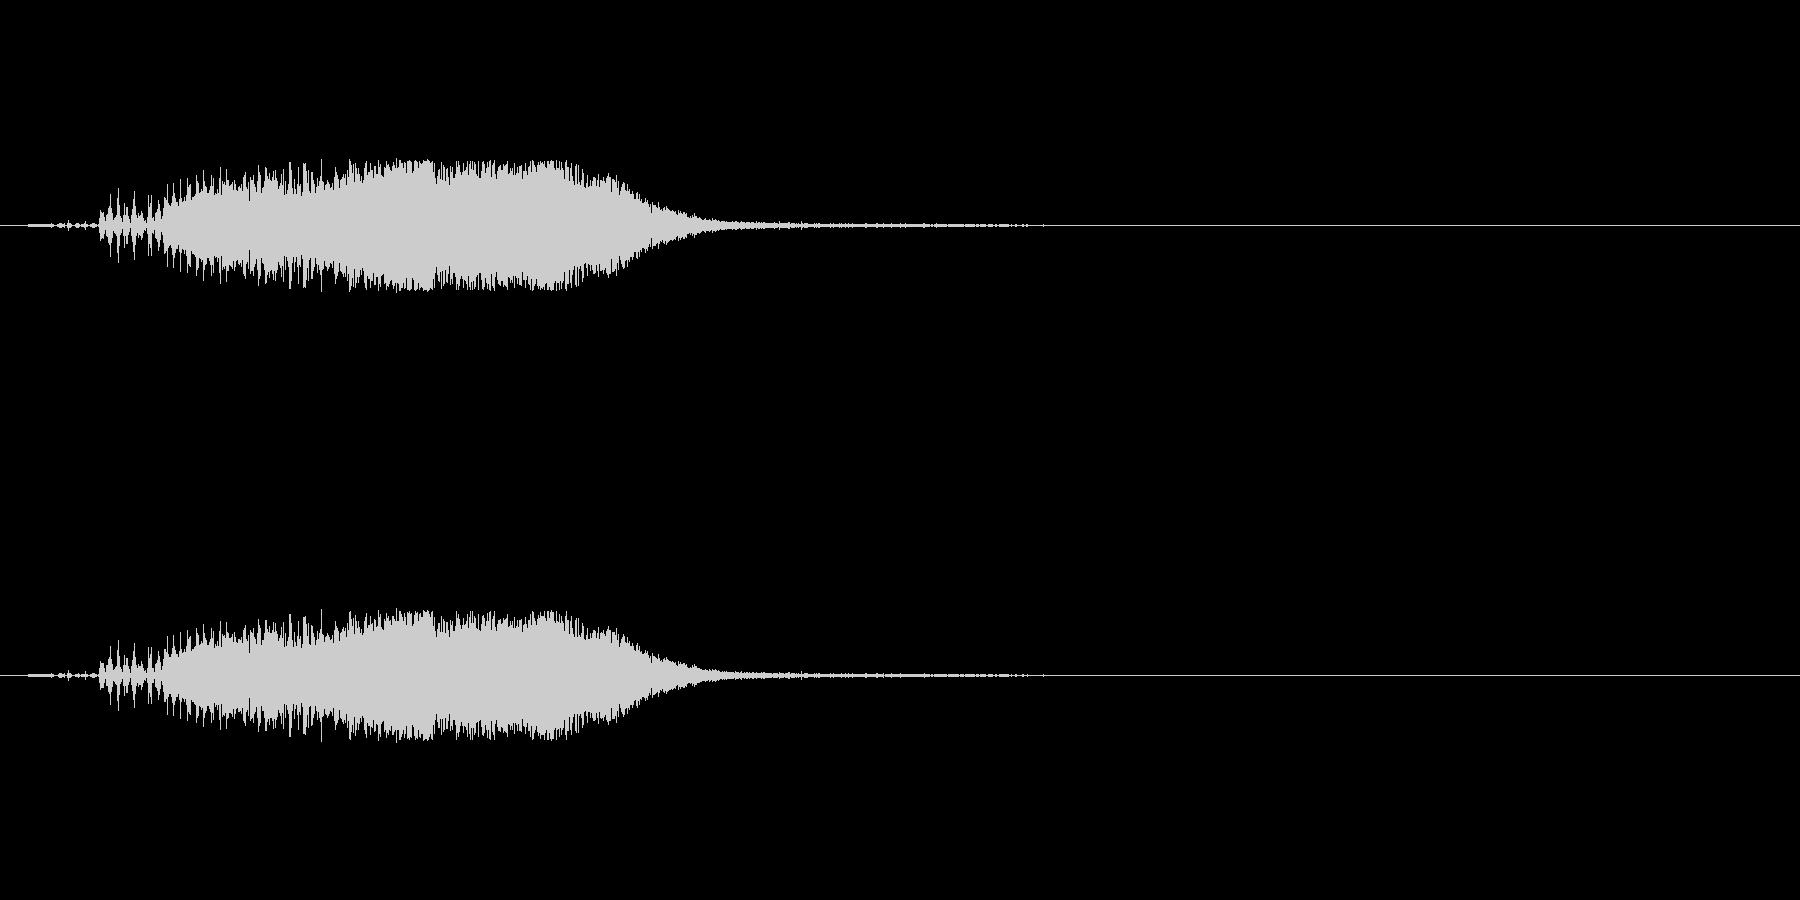 高電圧スパーク、電気、アーク放電、火花の未再生の波形